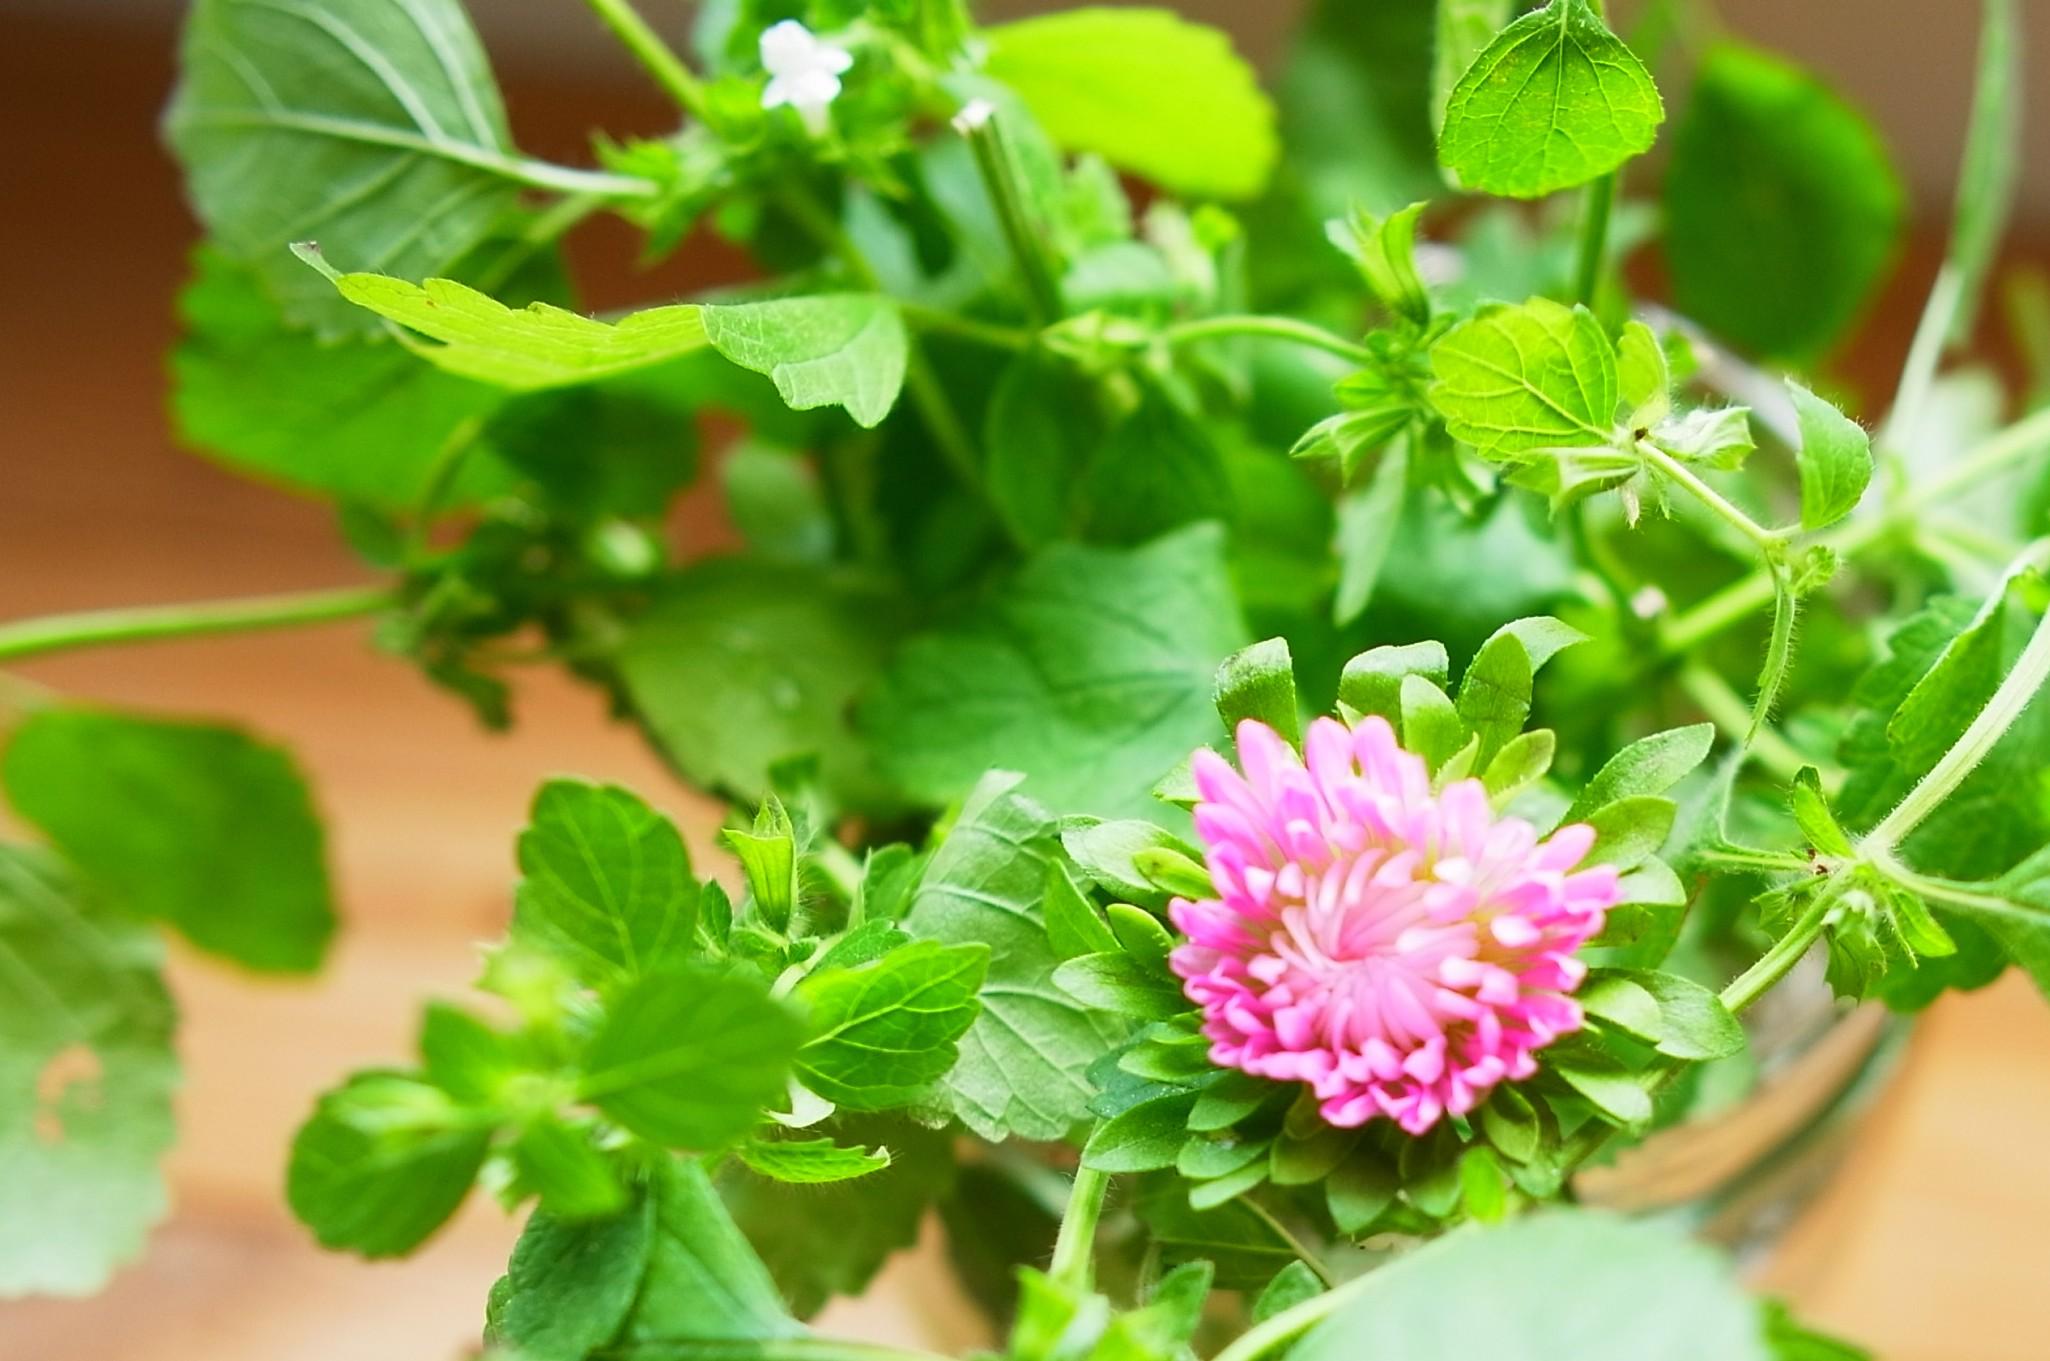 レモンバームと花 トリミング